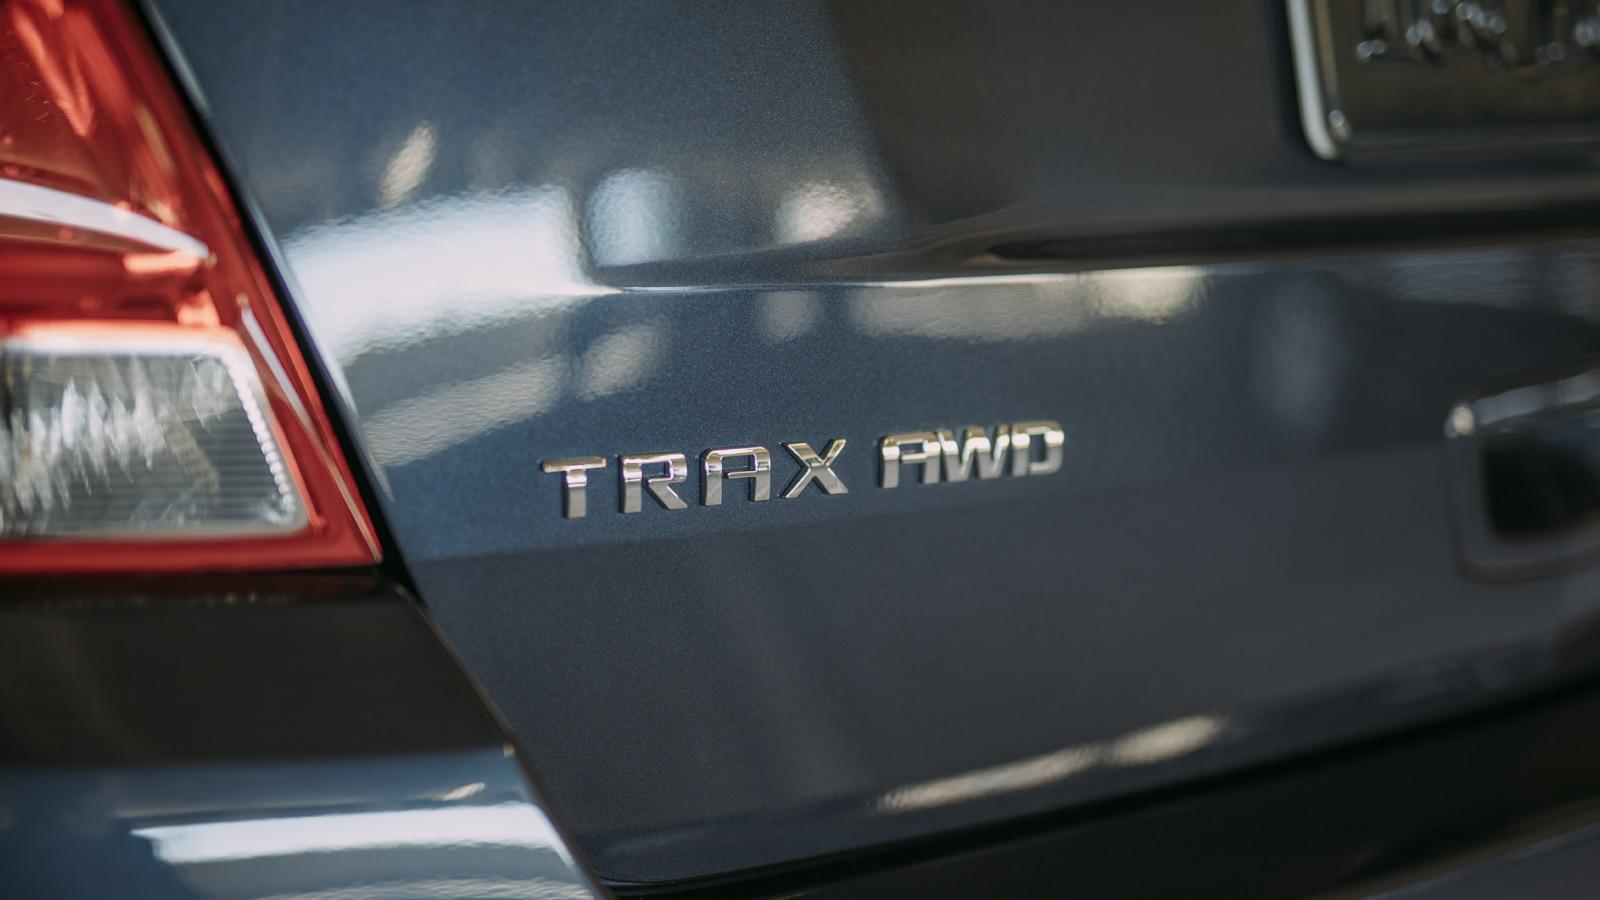 Primer plano del emblema de tracción en las cuatro ruedas de la Trax.